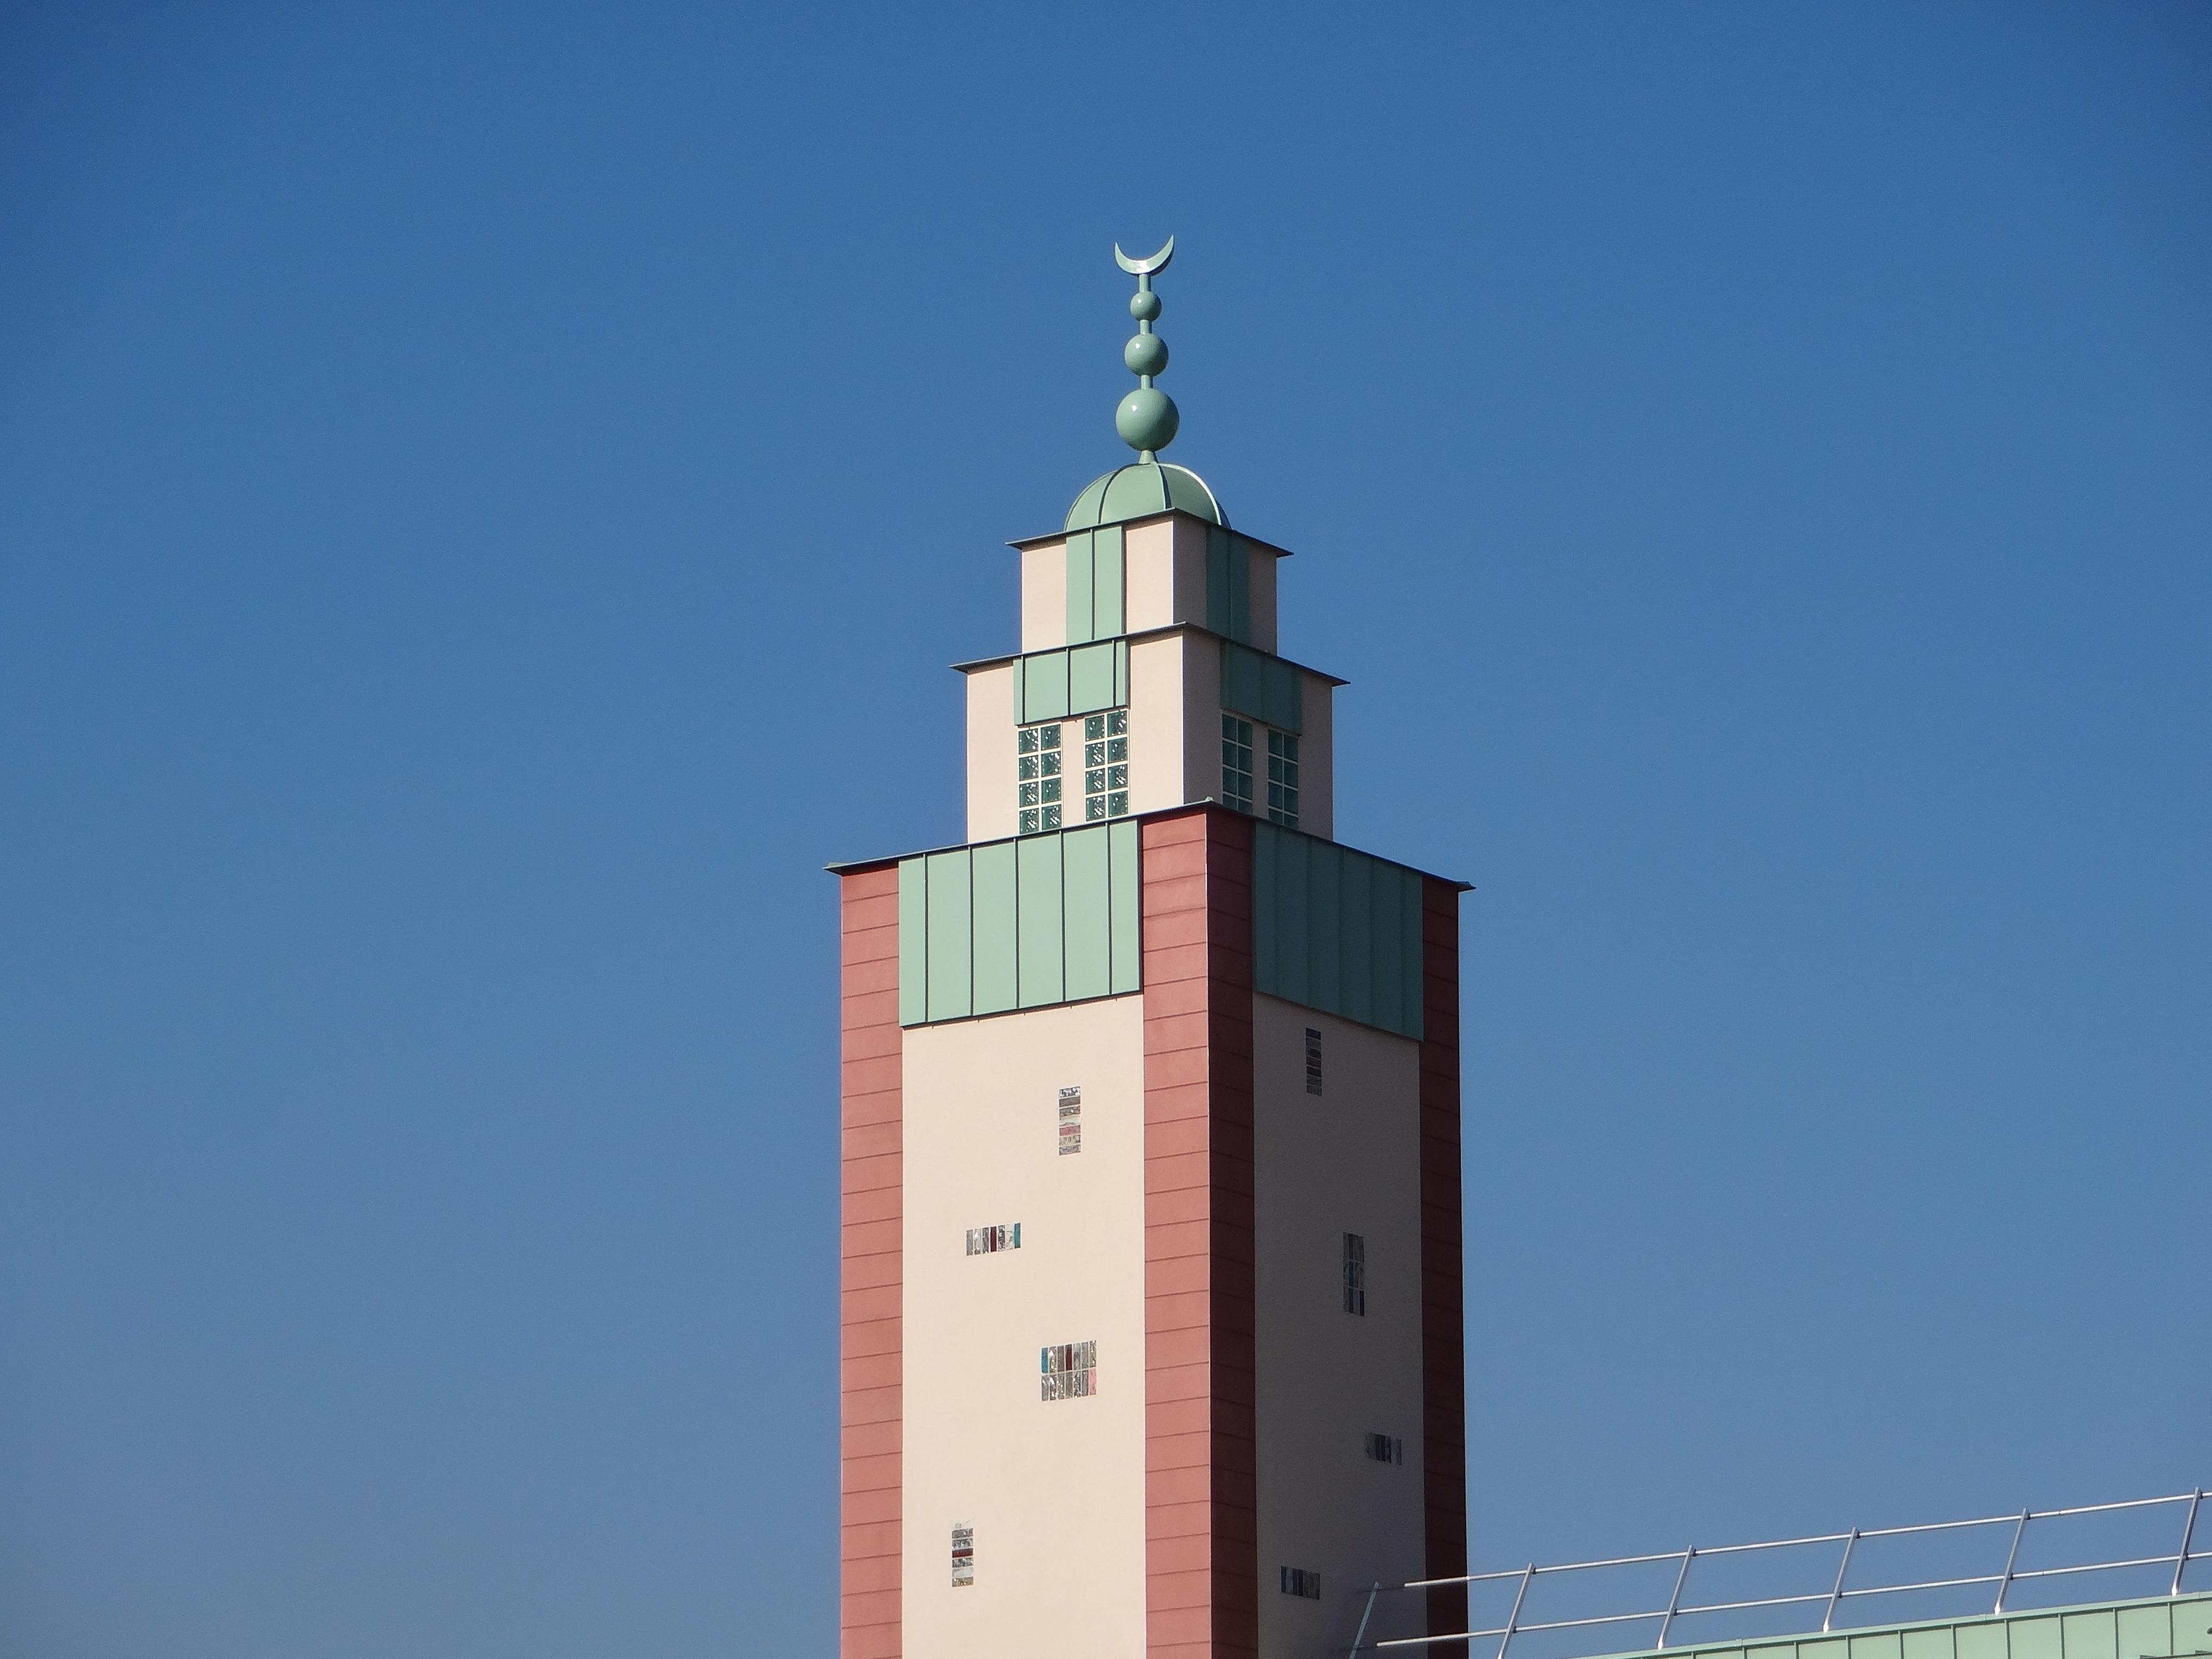 Le minaret1